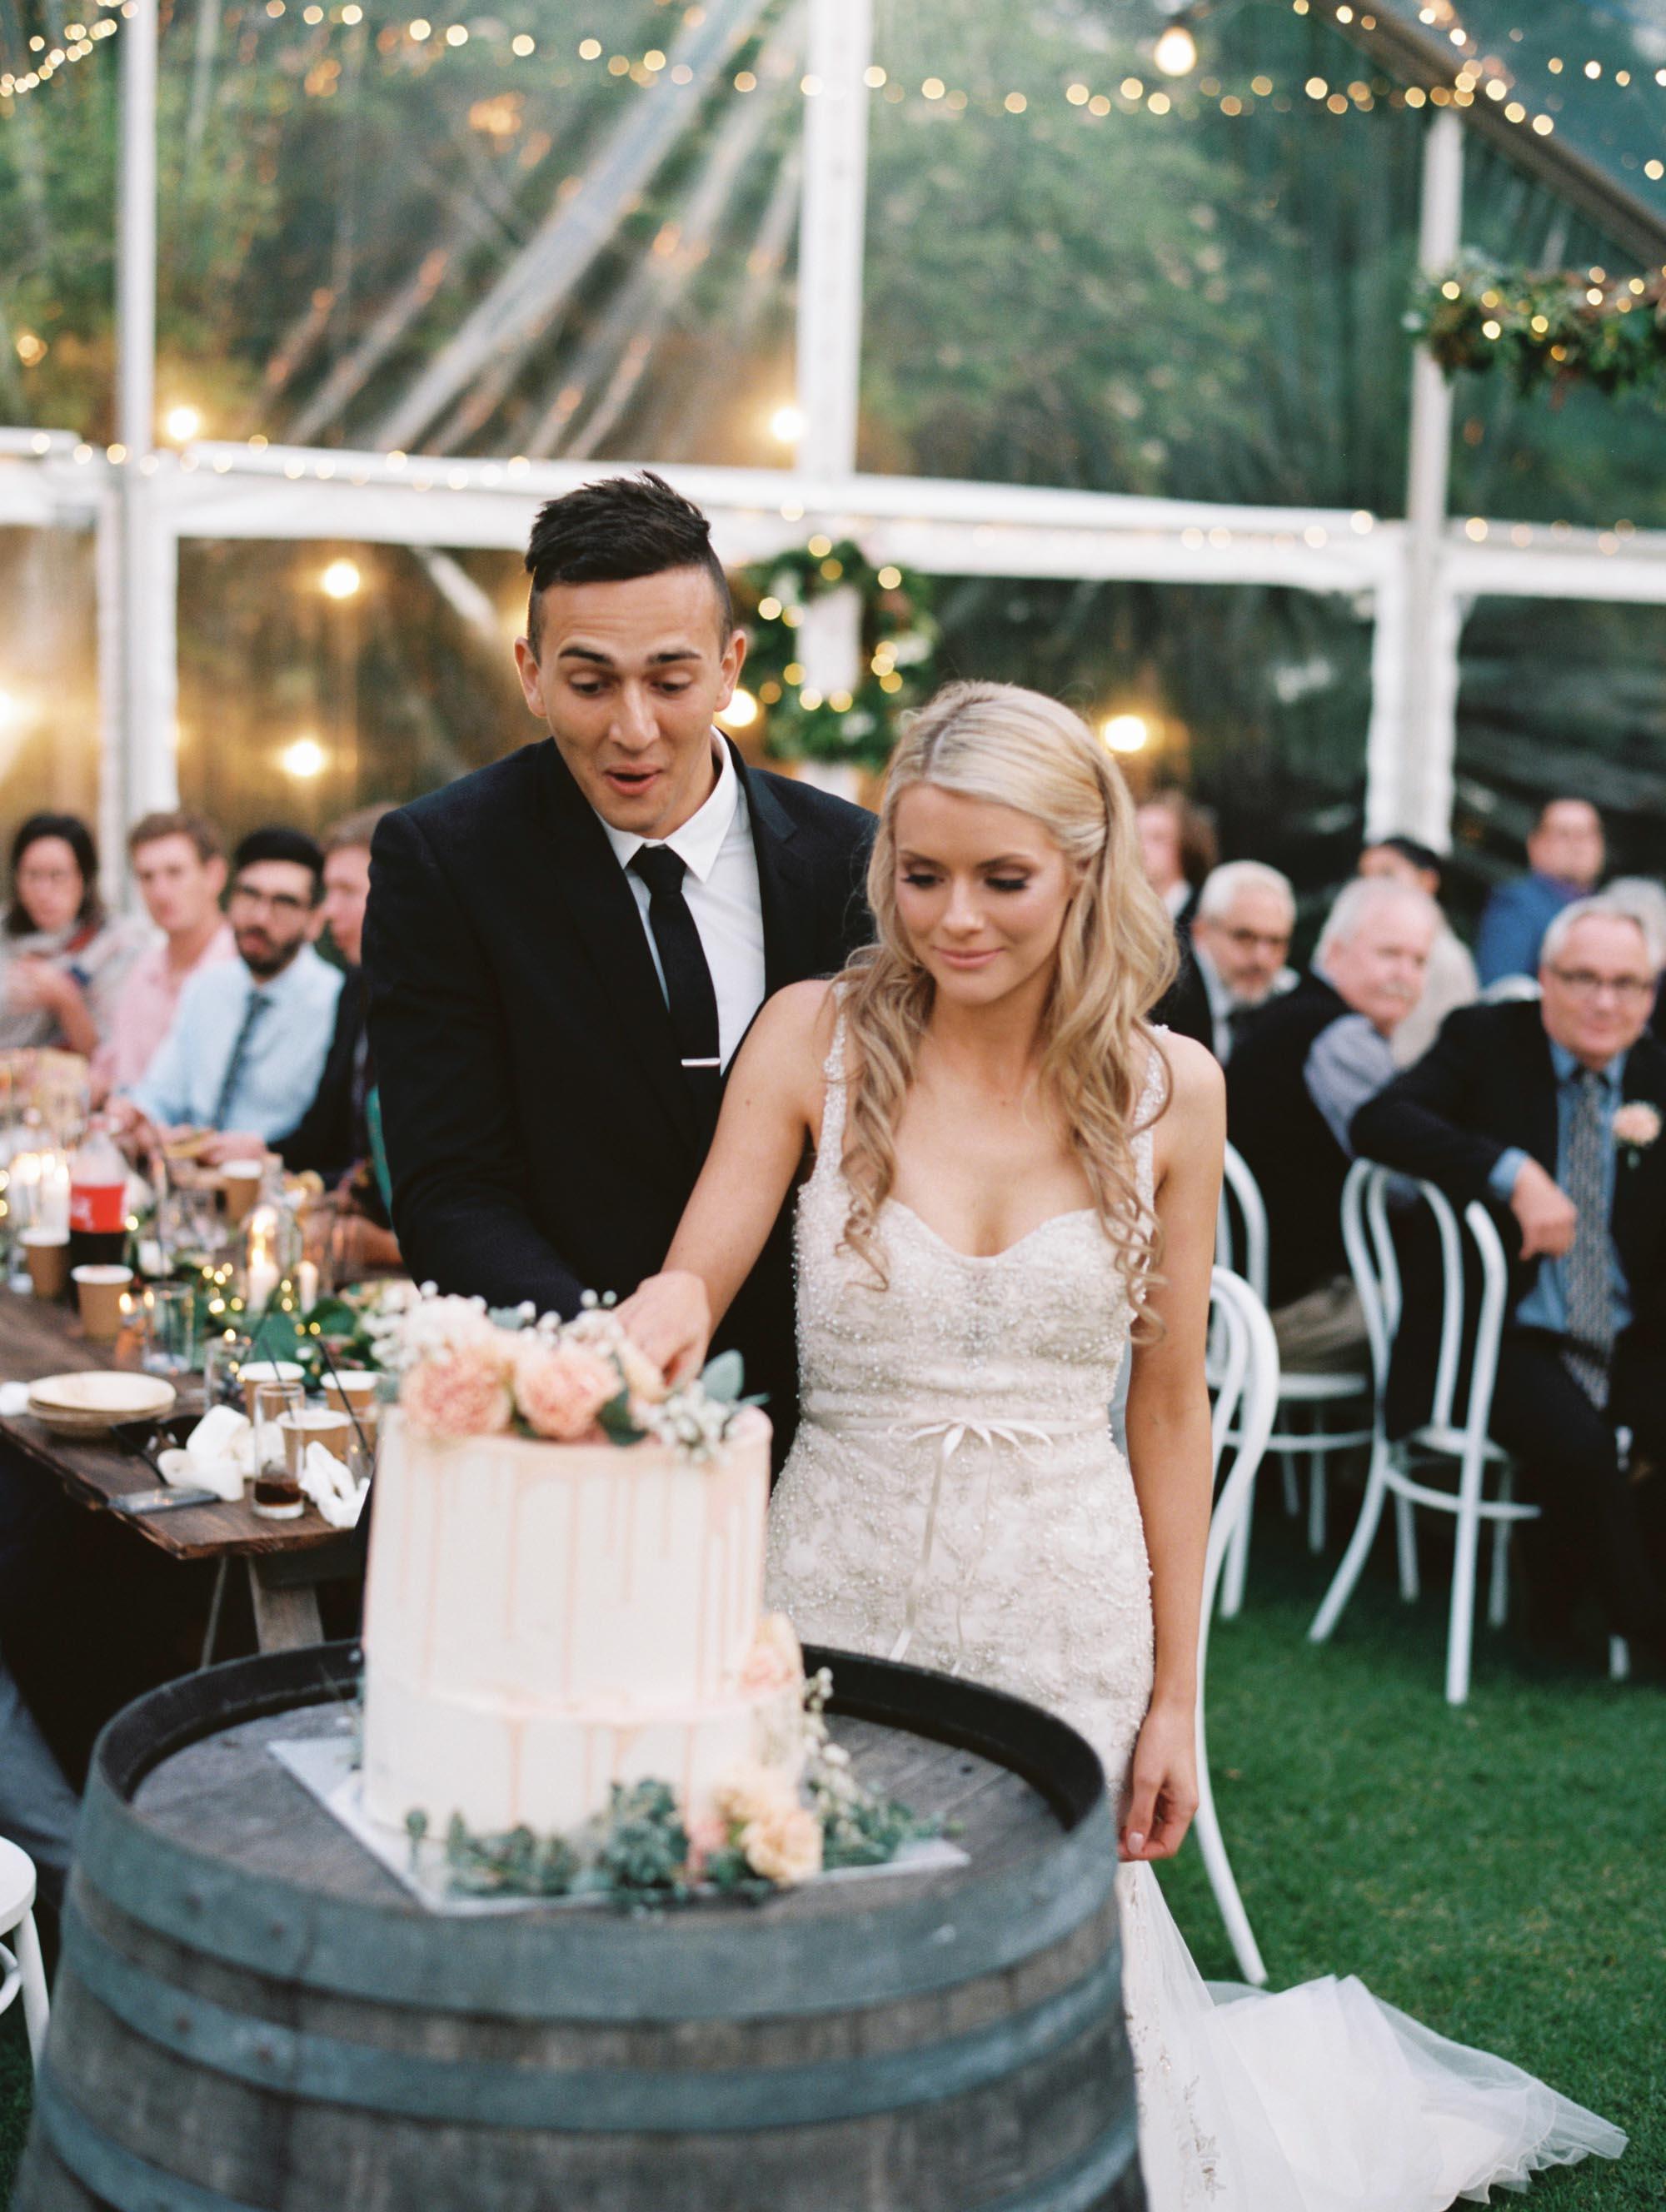 Whitehouse-hahndorf-wedding-photography-105.jpg